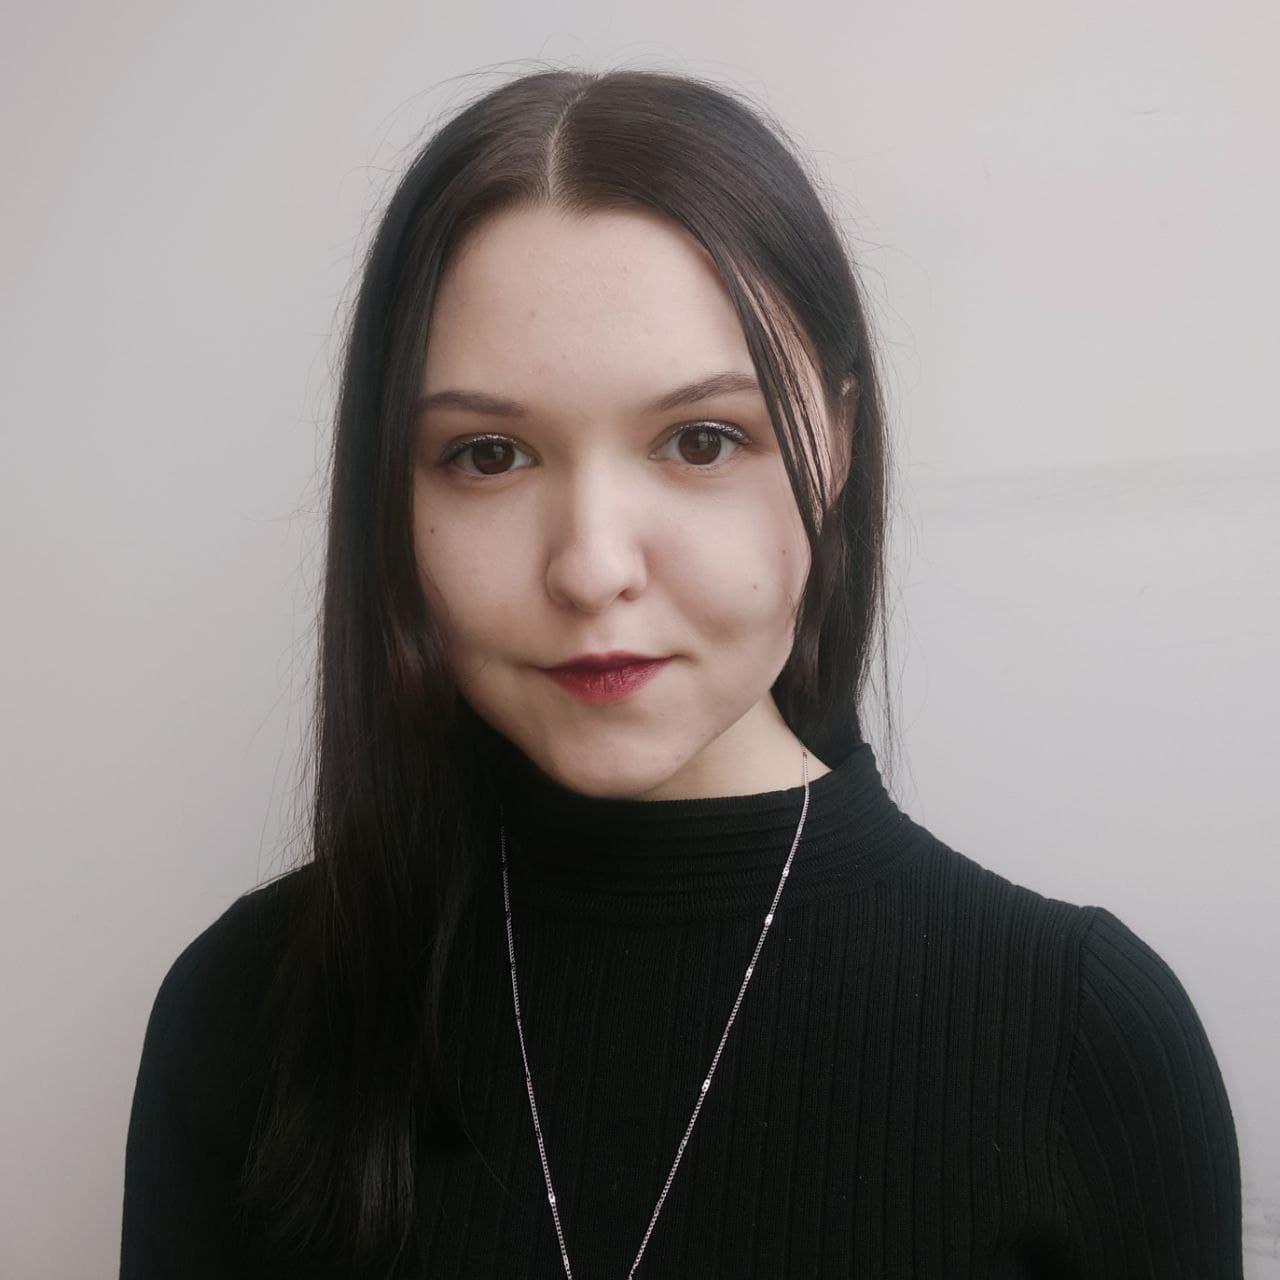 Катерина Абрашина